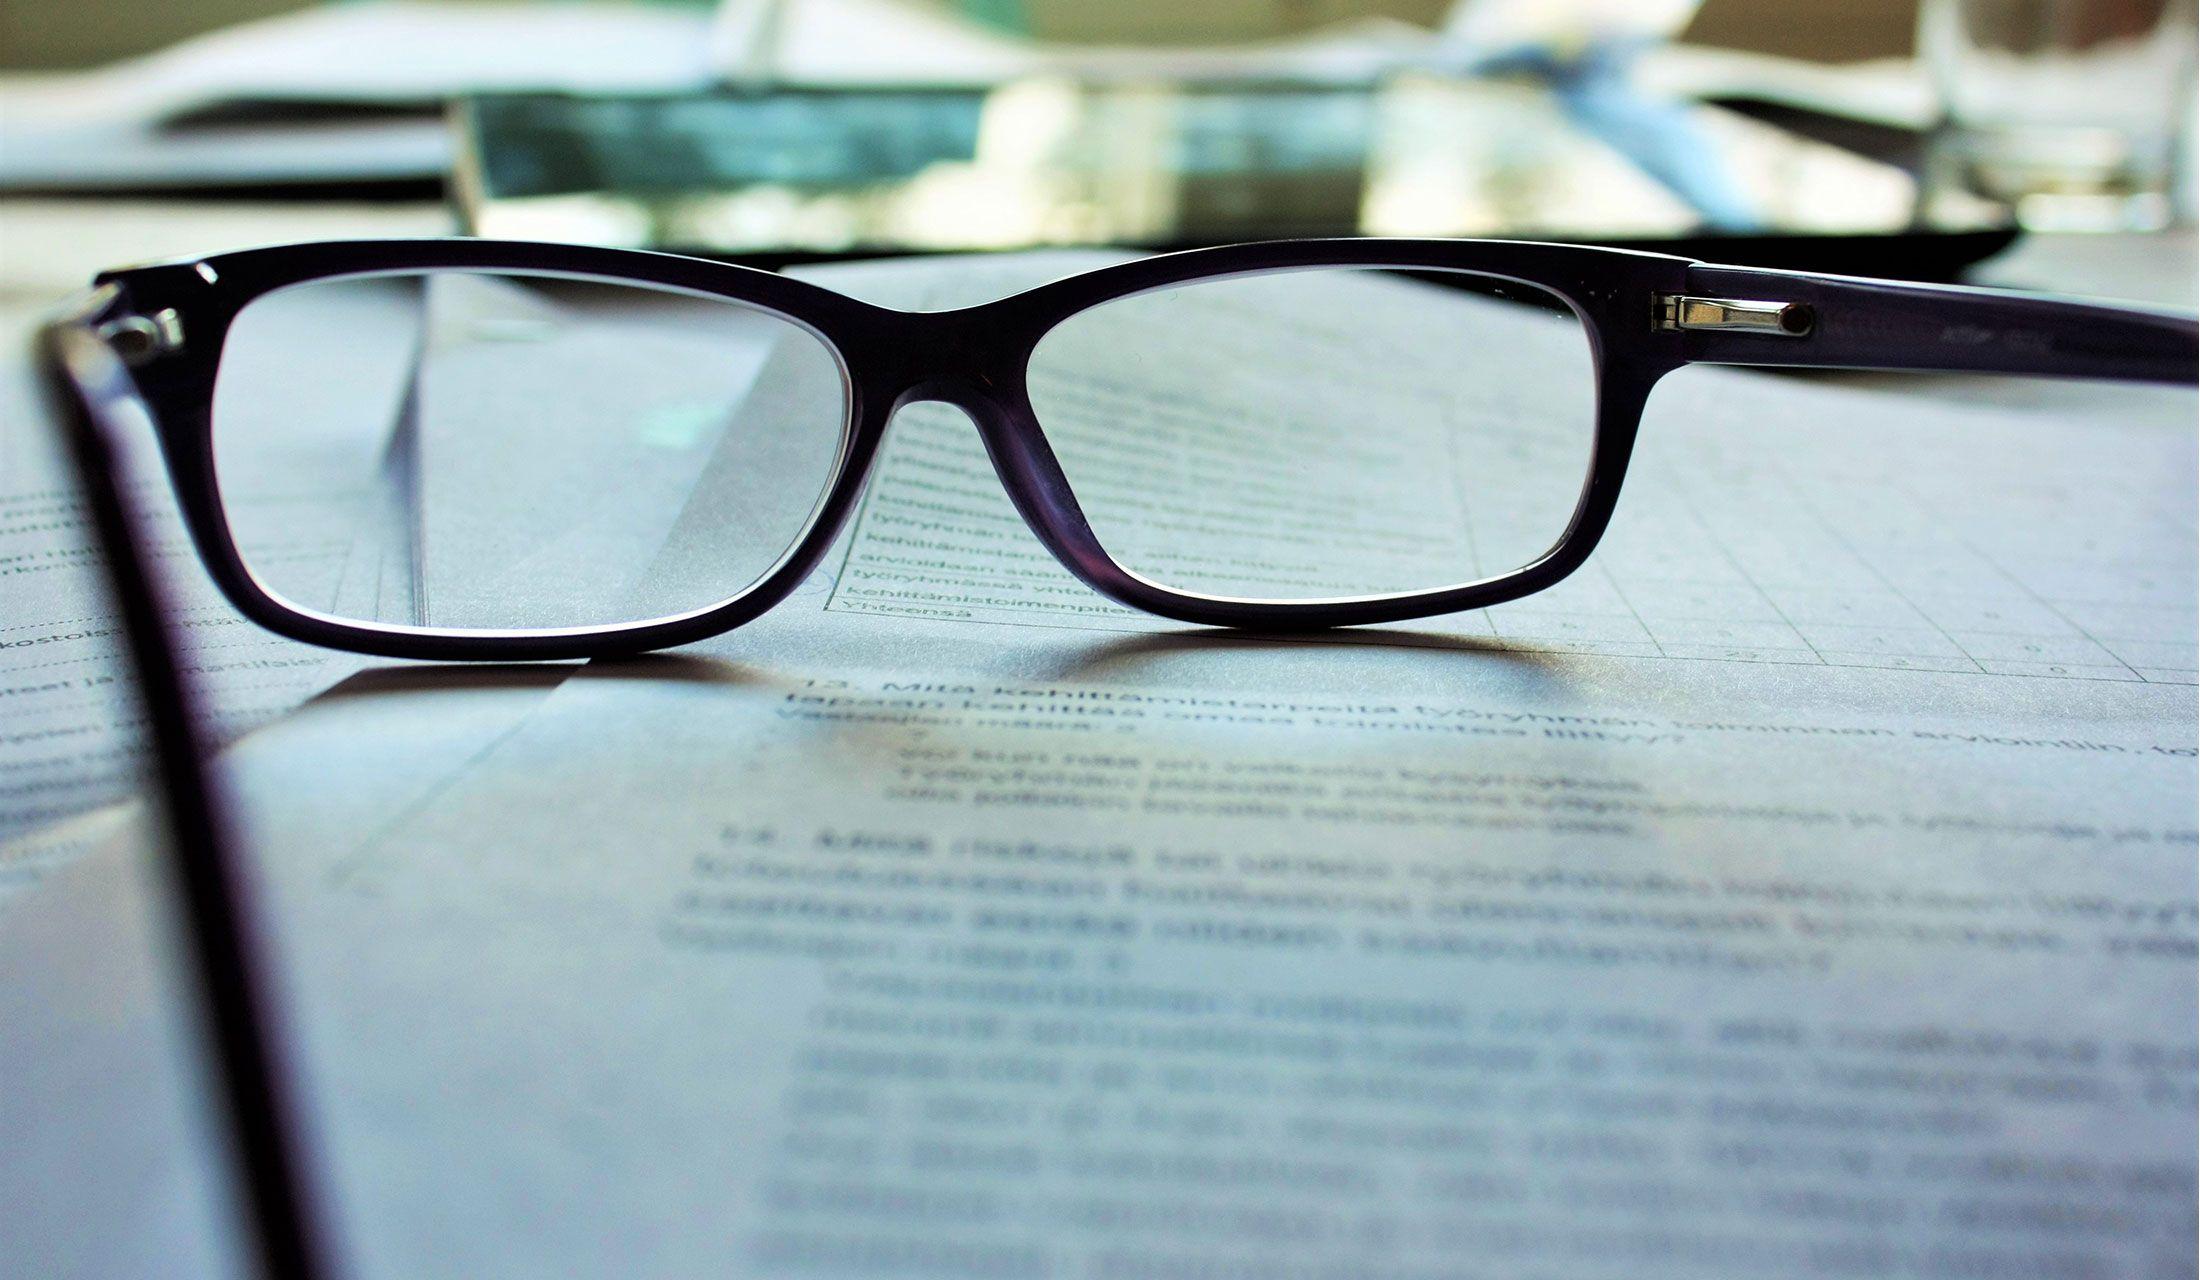 紙の上にメガネが置いてある